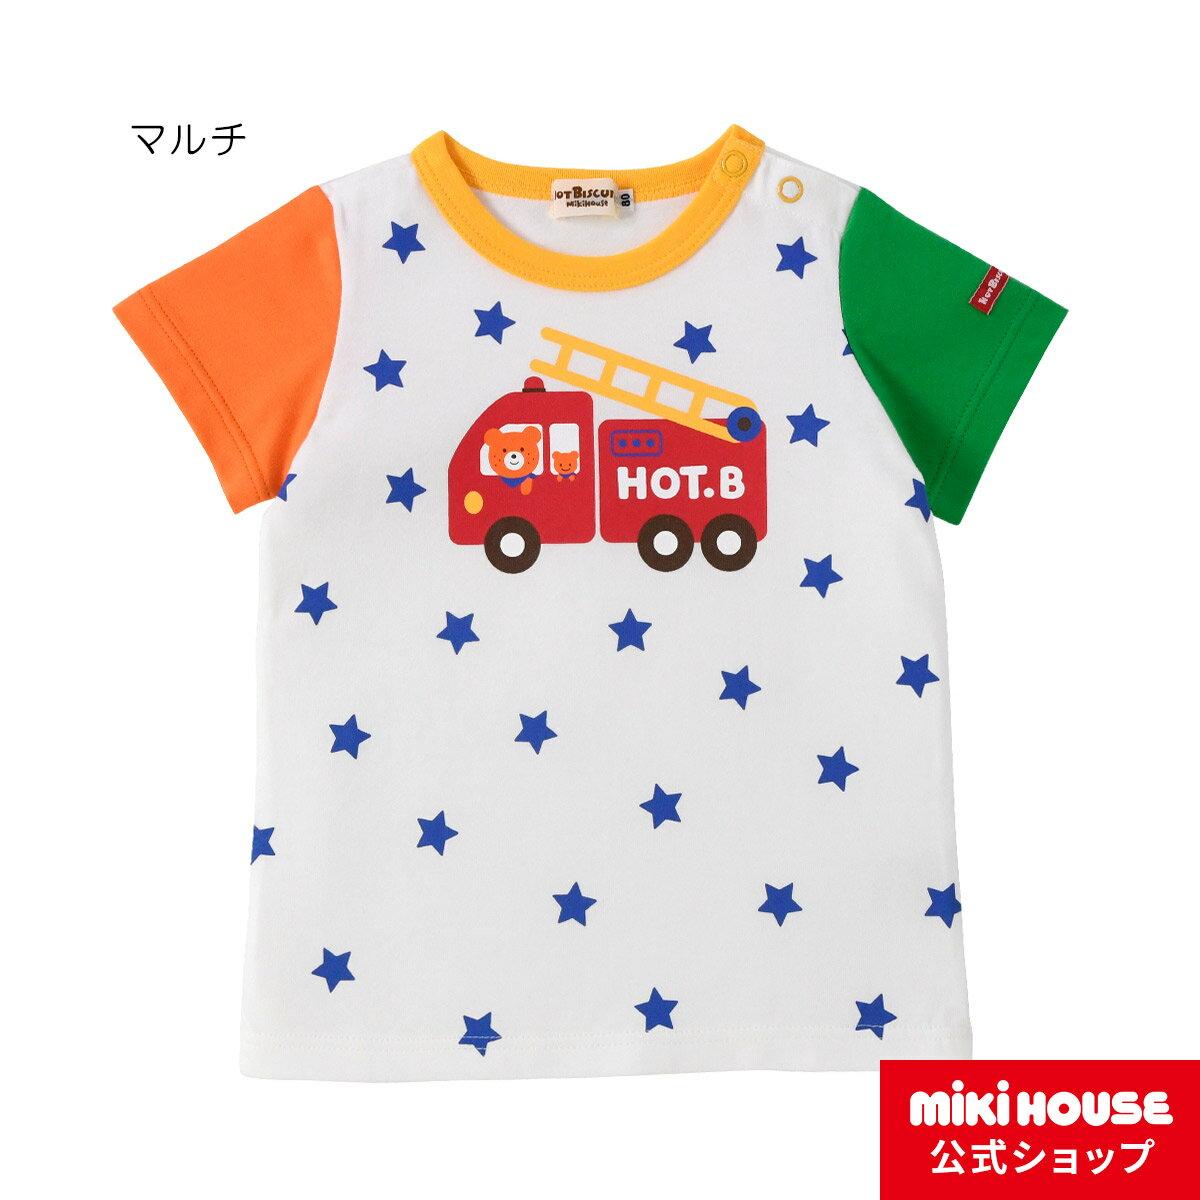 ミキハウス ホットビスケッツ mikihouse キャラクター半袖Tシャツ(70cm-110cm)